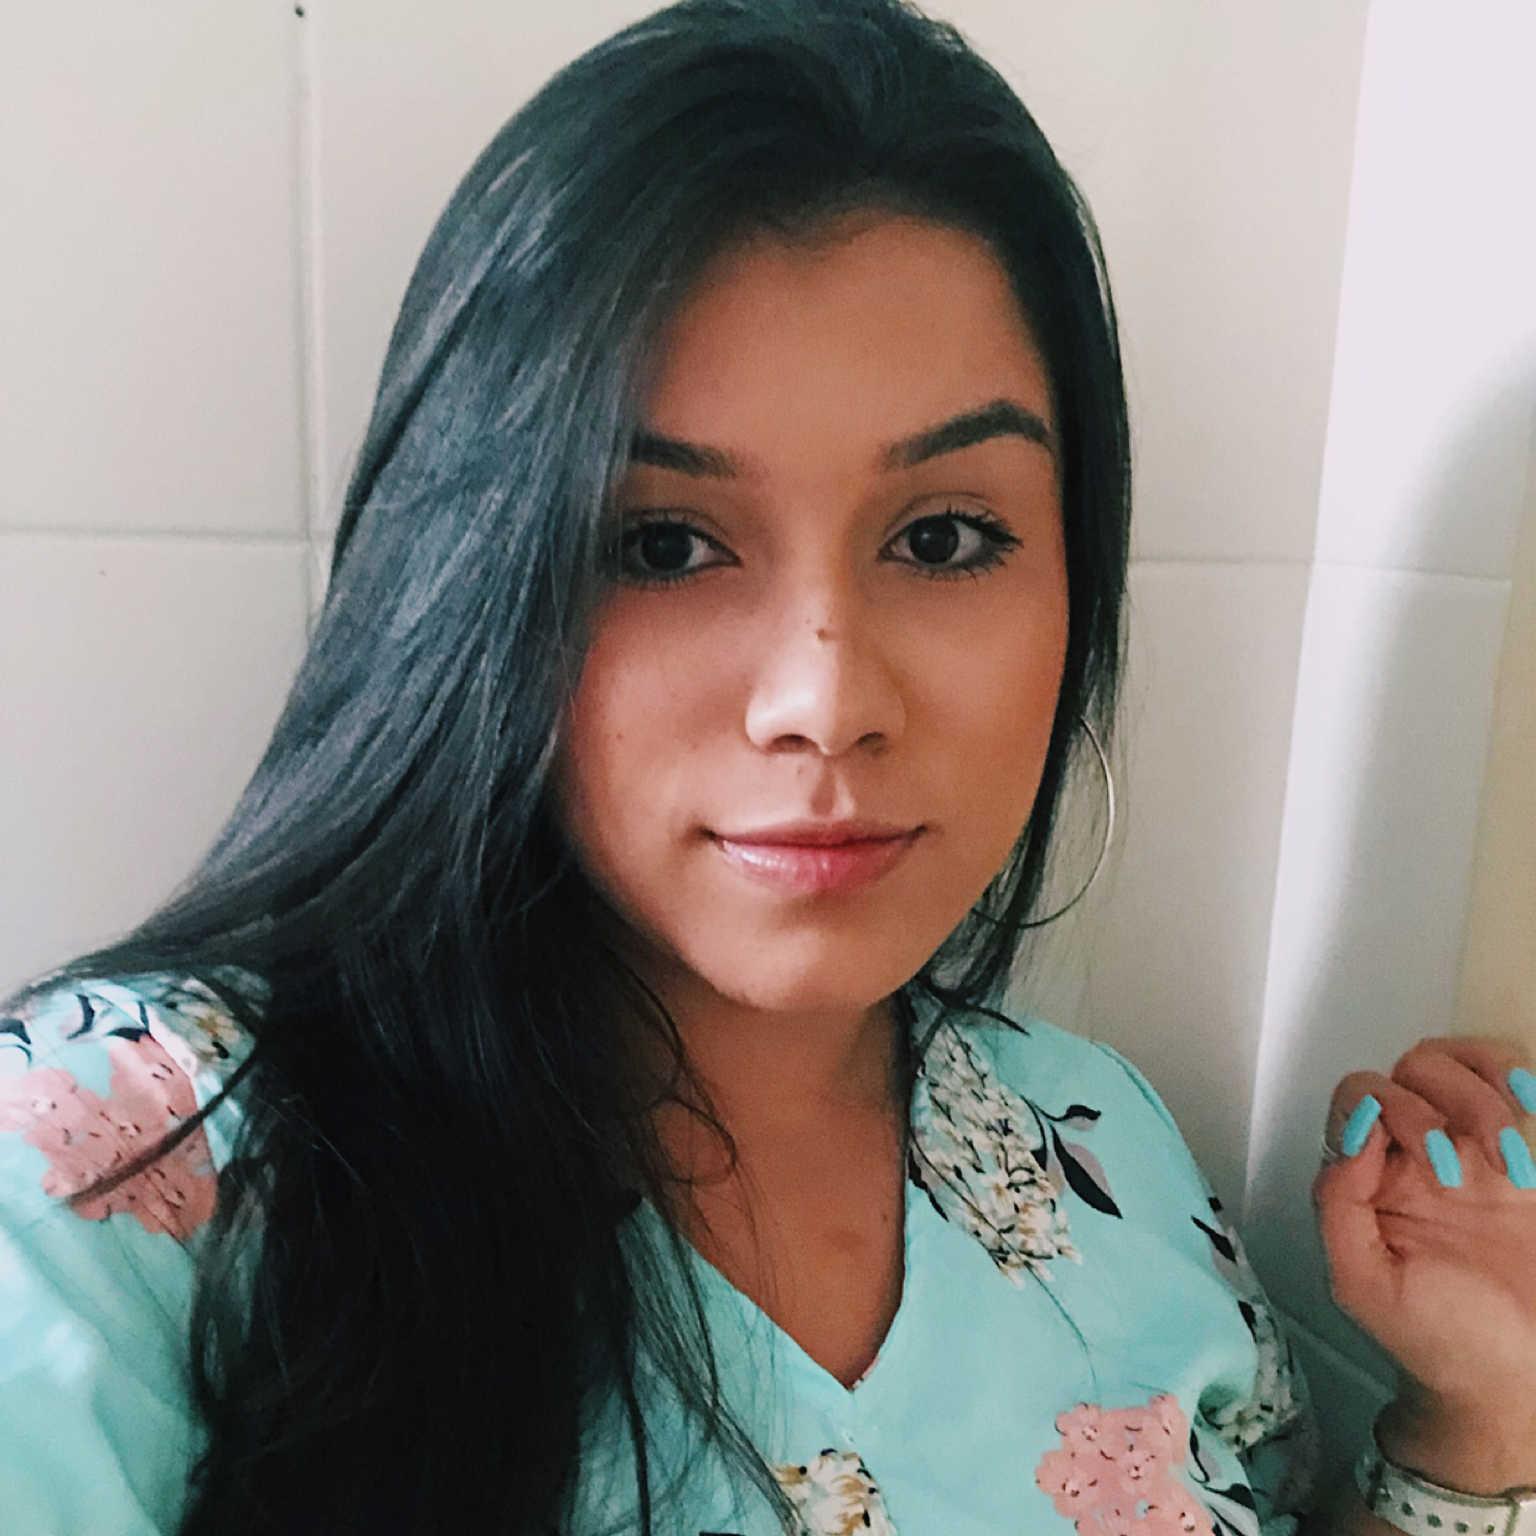 ticaribeiro